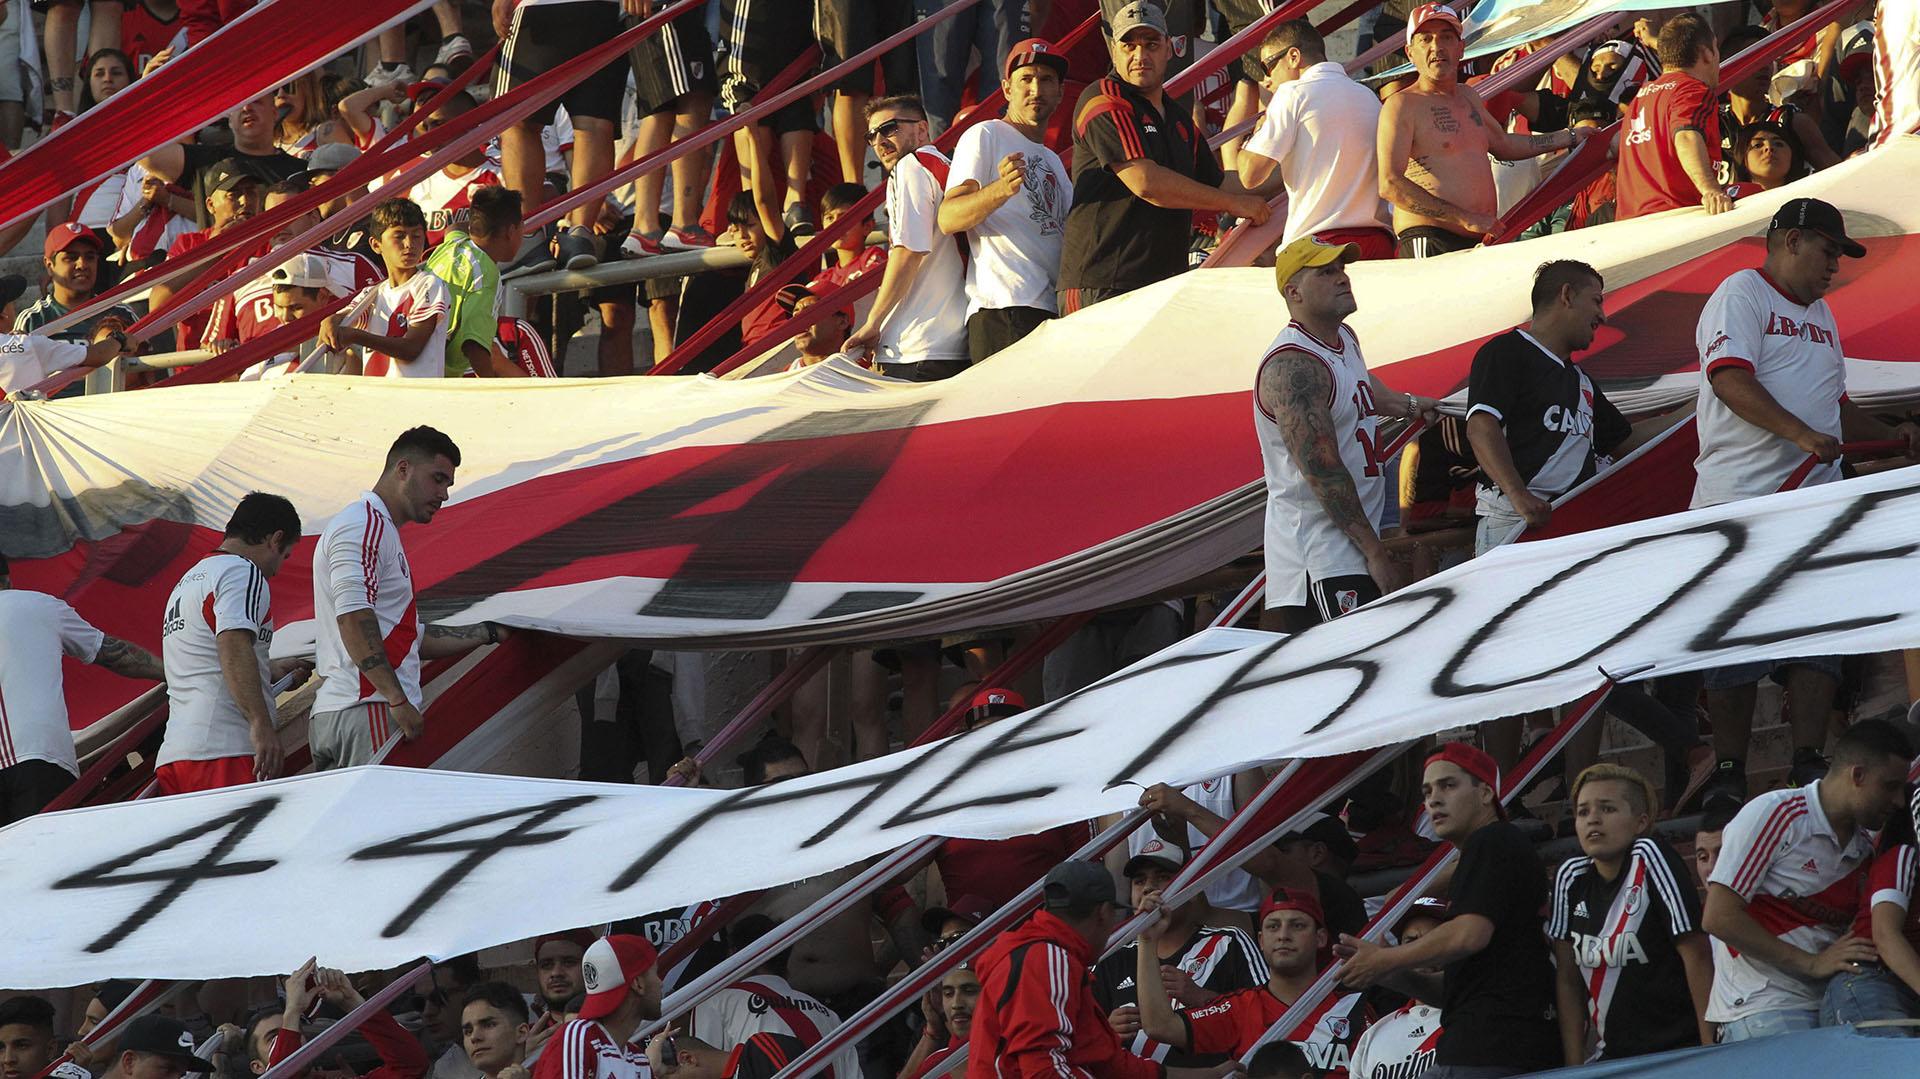 Guillermo Madero y Claudio Avruj se mostraron en contra de detener los partidos si insultan a Mauricio Macri (NA)